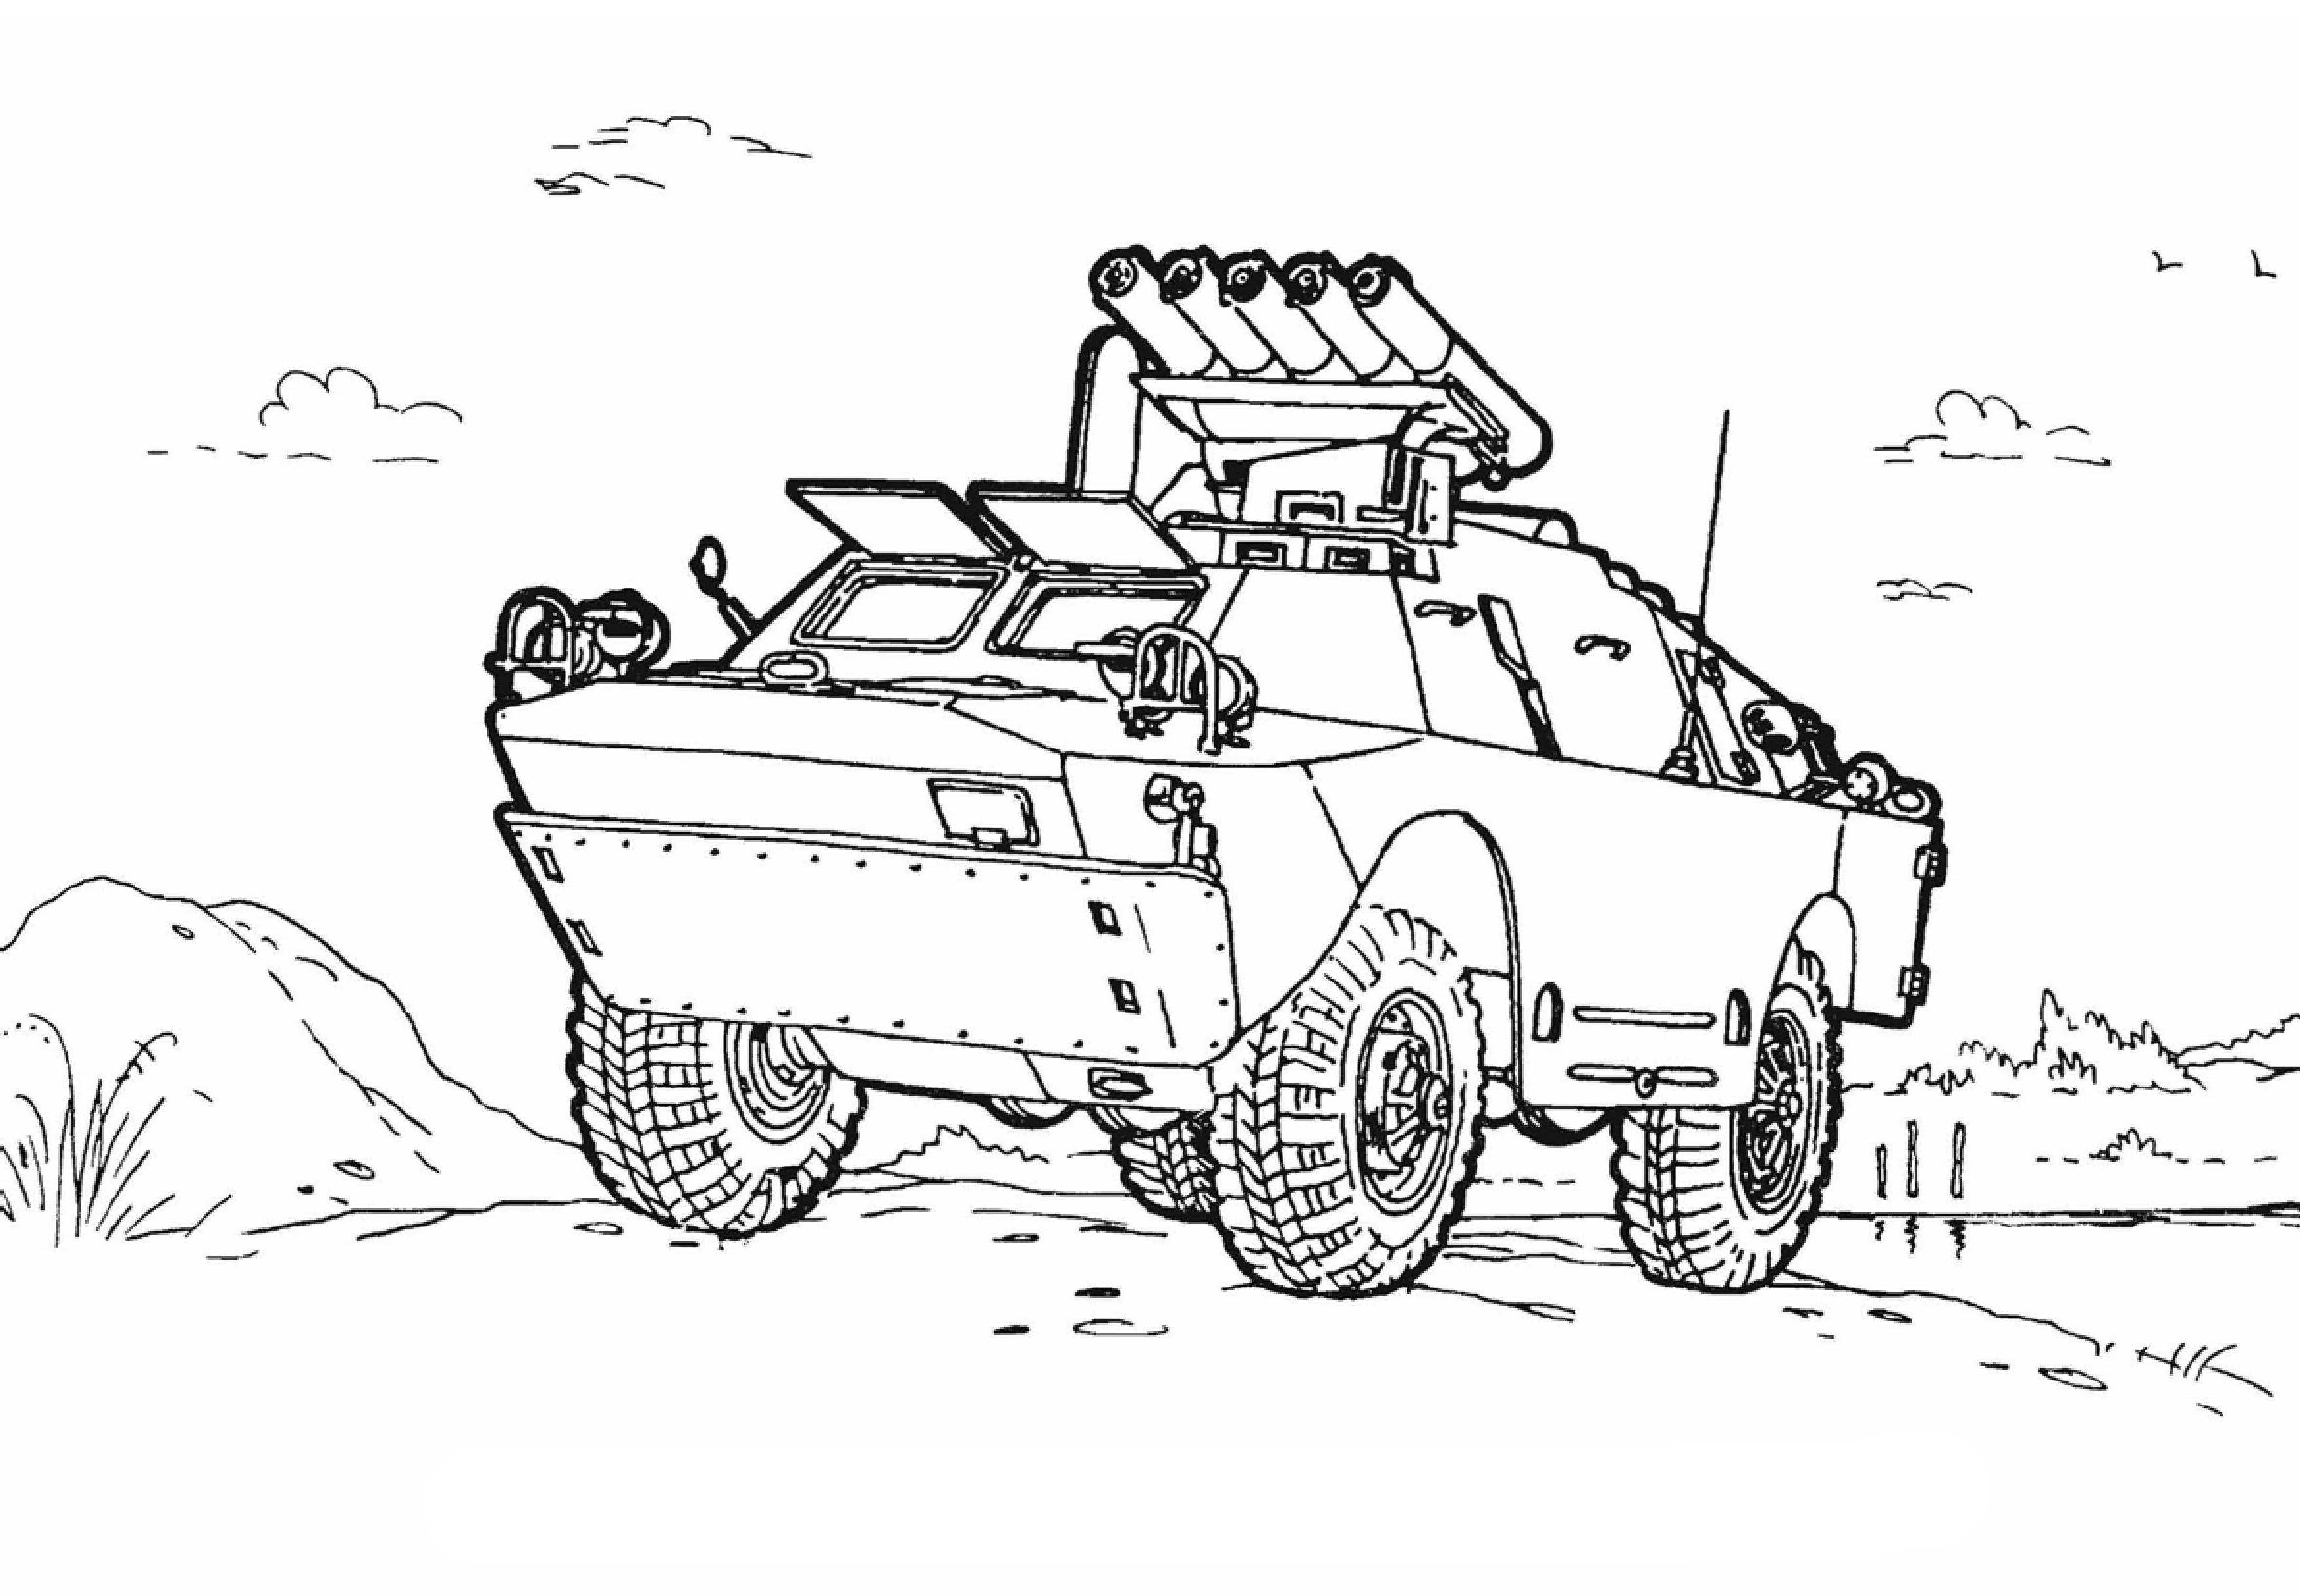 Ausmalbilder Malvorlagen - Panzer kostenlos zum